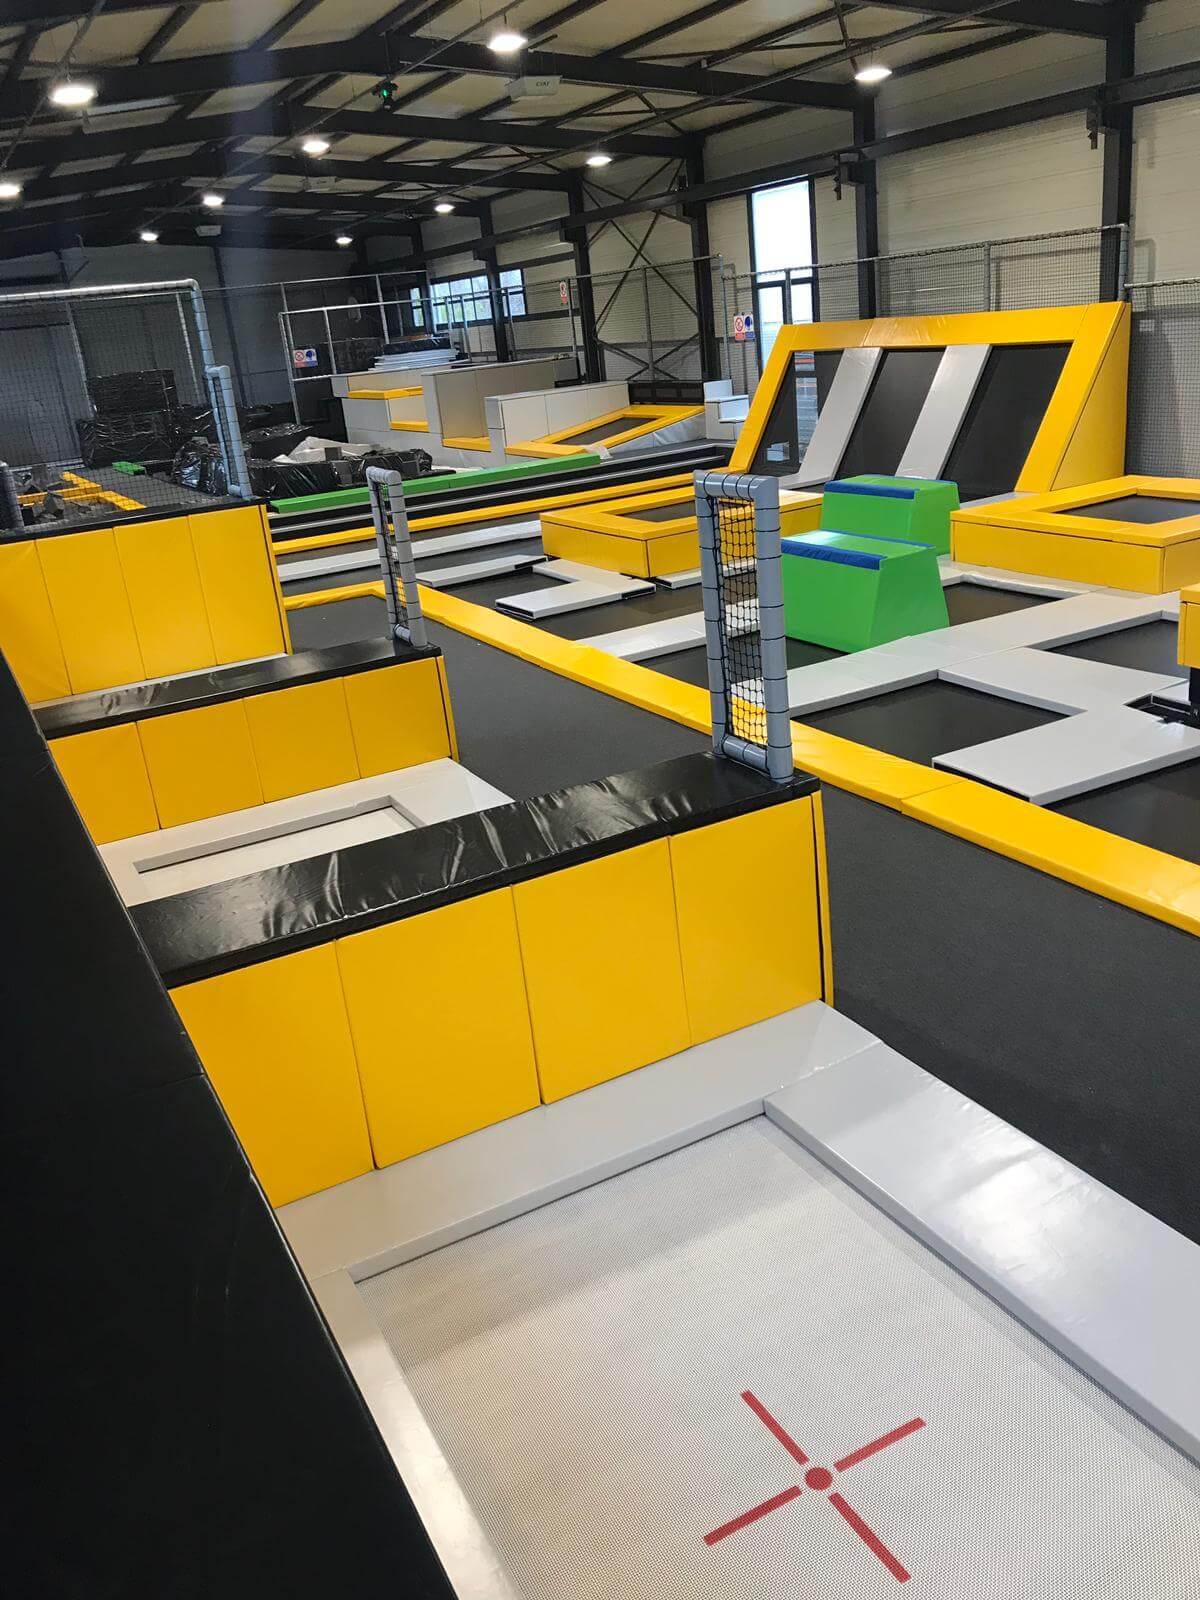 rjump-leman-trampoline-vue-indoor.jpg